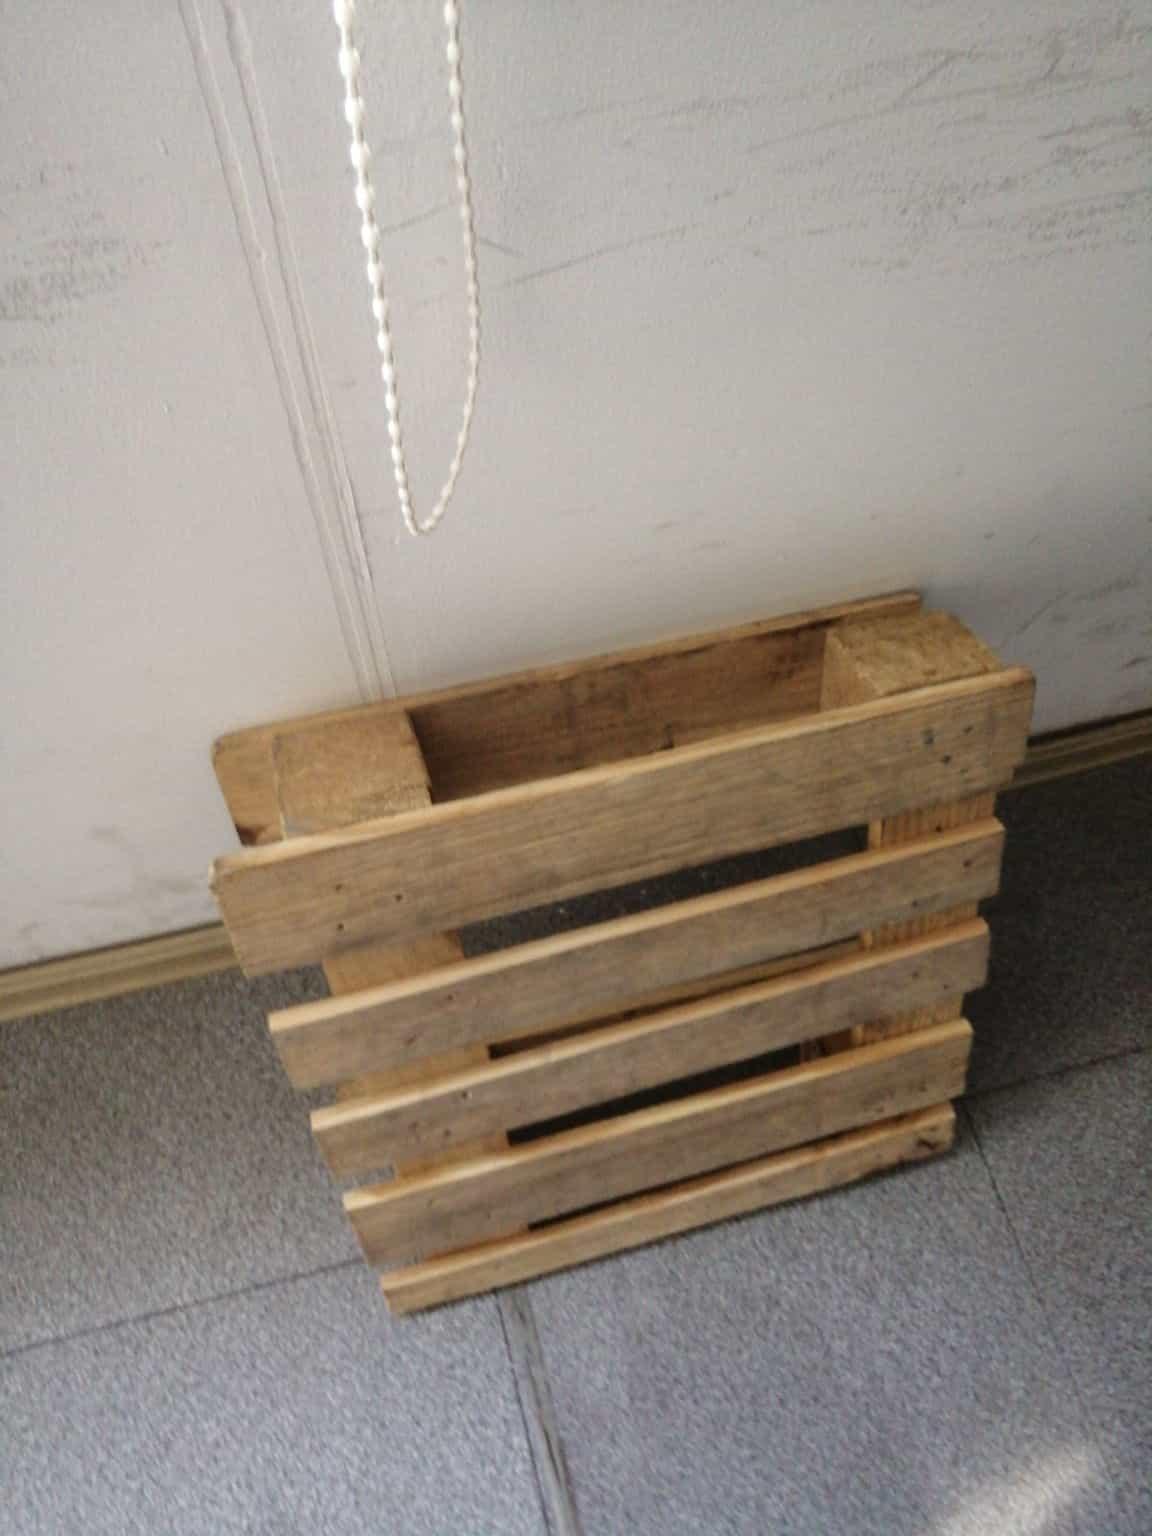 廊坊制作木托盘机器人顺丰�,╗♡☏◑➌�邮1大型工厂的木托盘统一